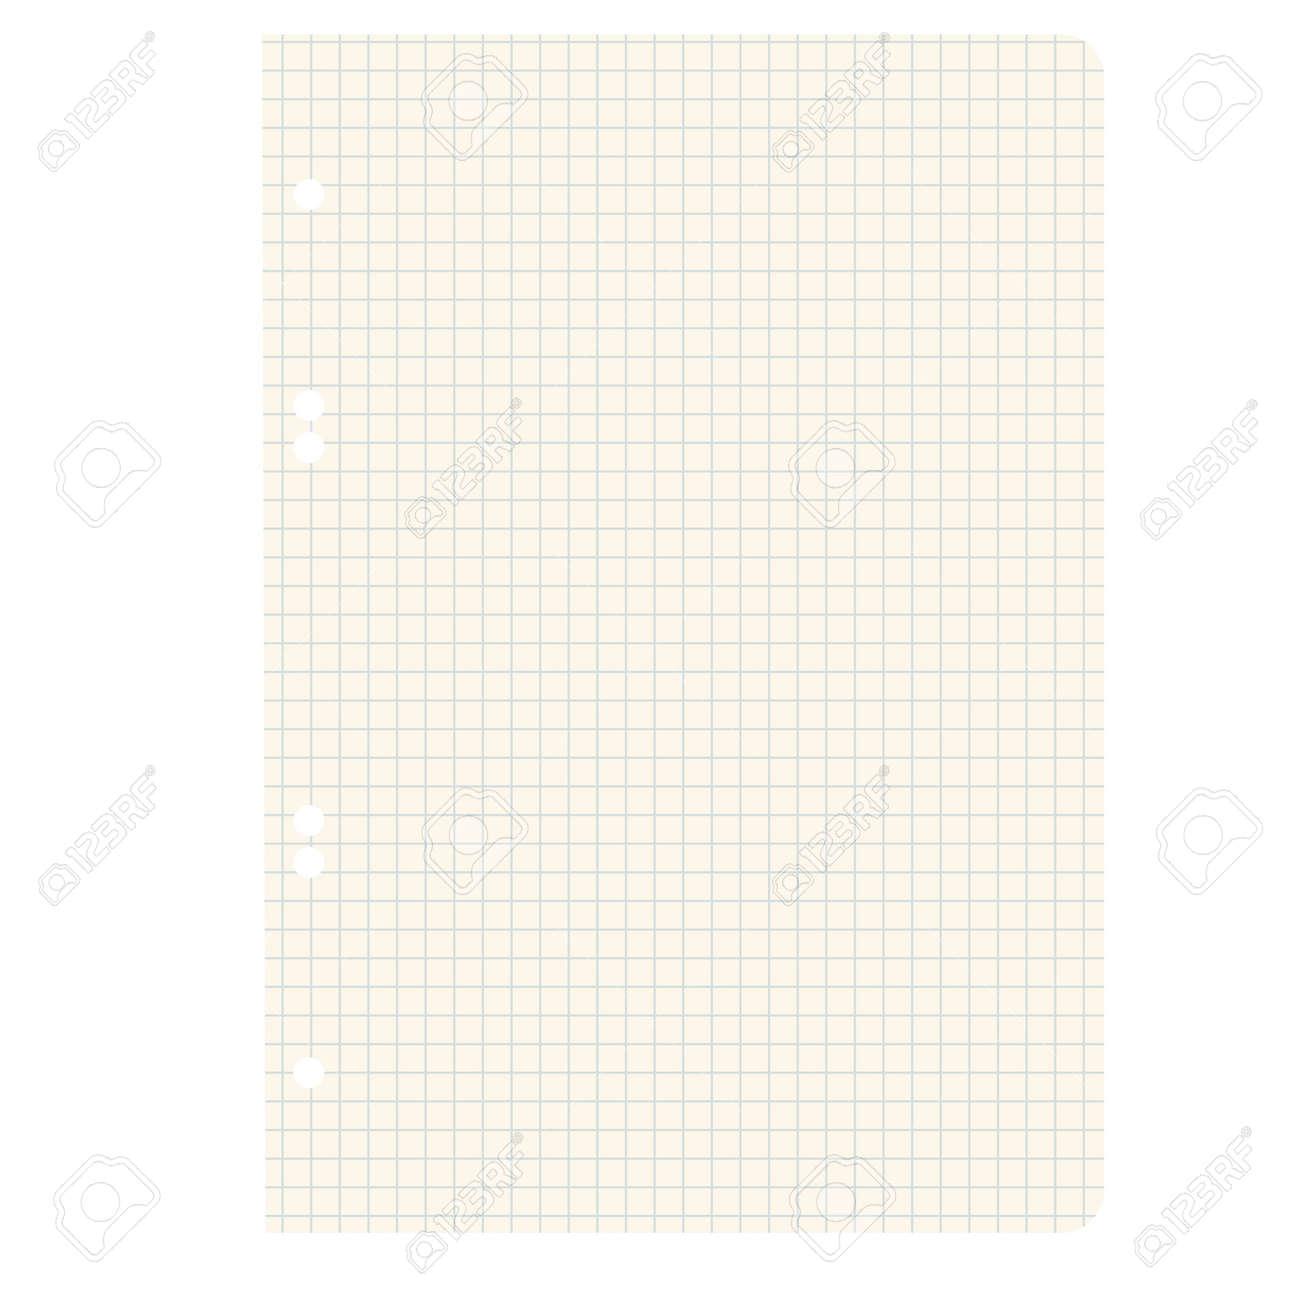 White squared blank white paper sheet  Vector illustration Stock Vector - 17015951